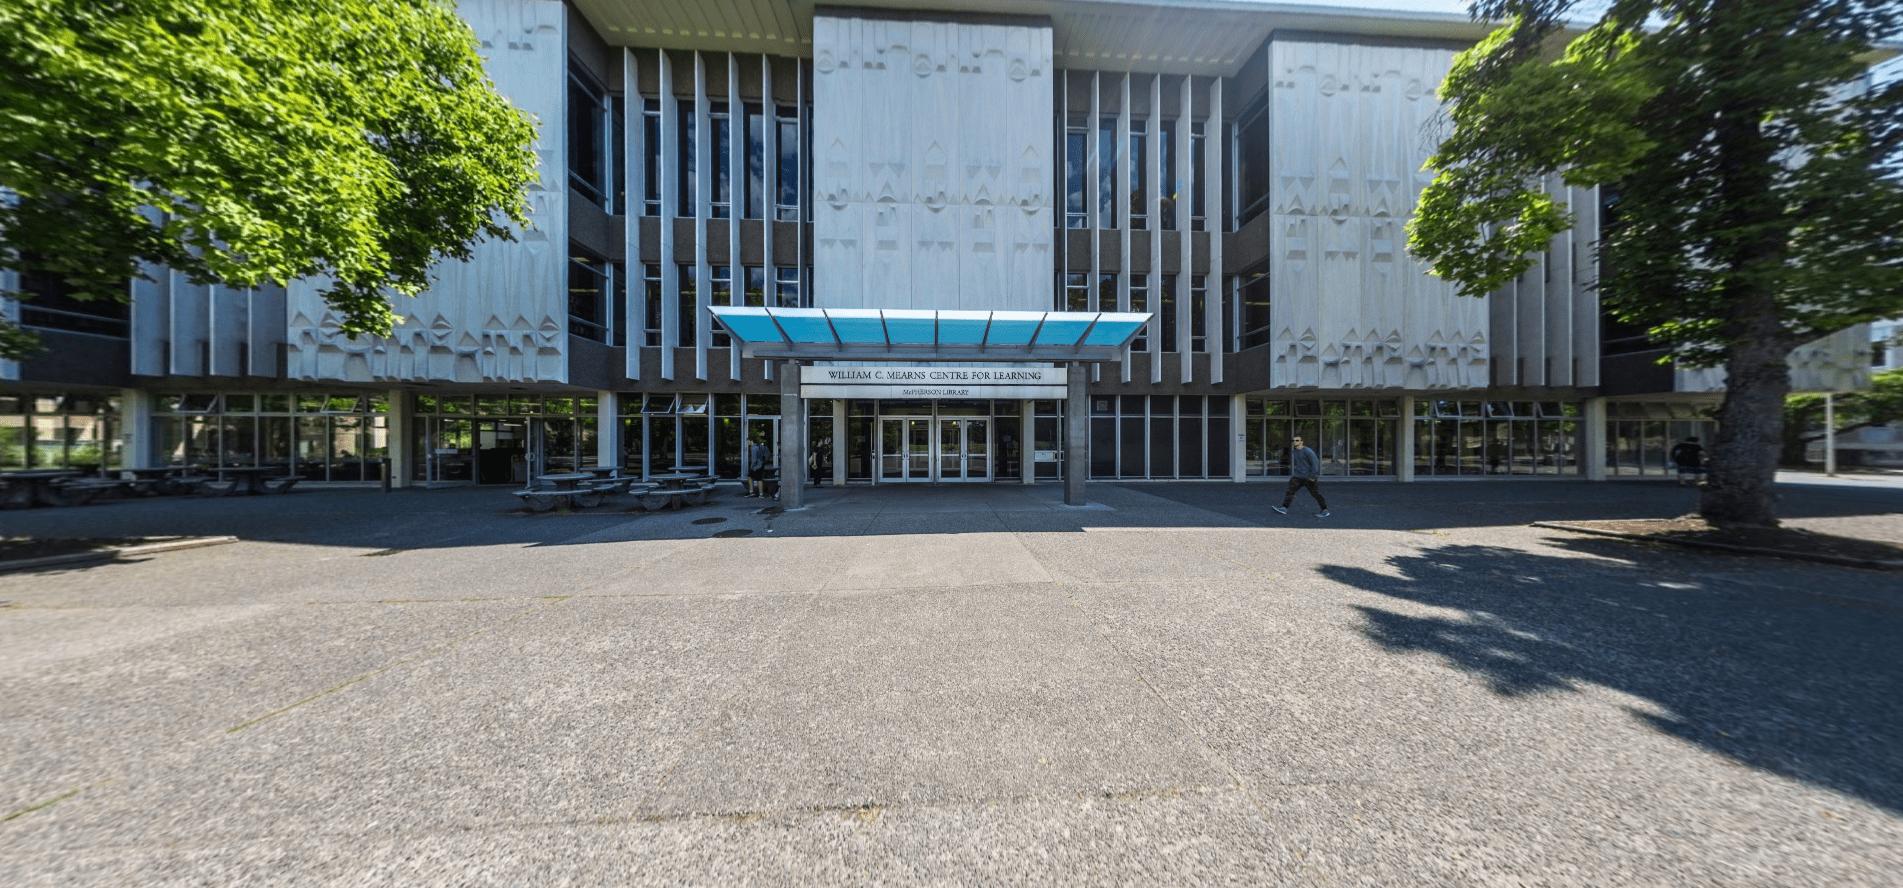 Đại học Victoria Canada được đánh giá là ngôi trường chất lượng nhất ở Canada